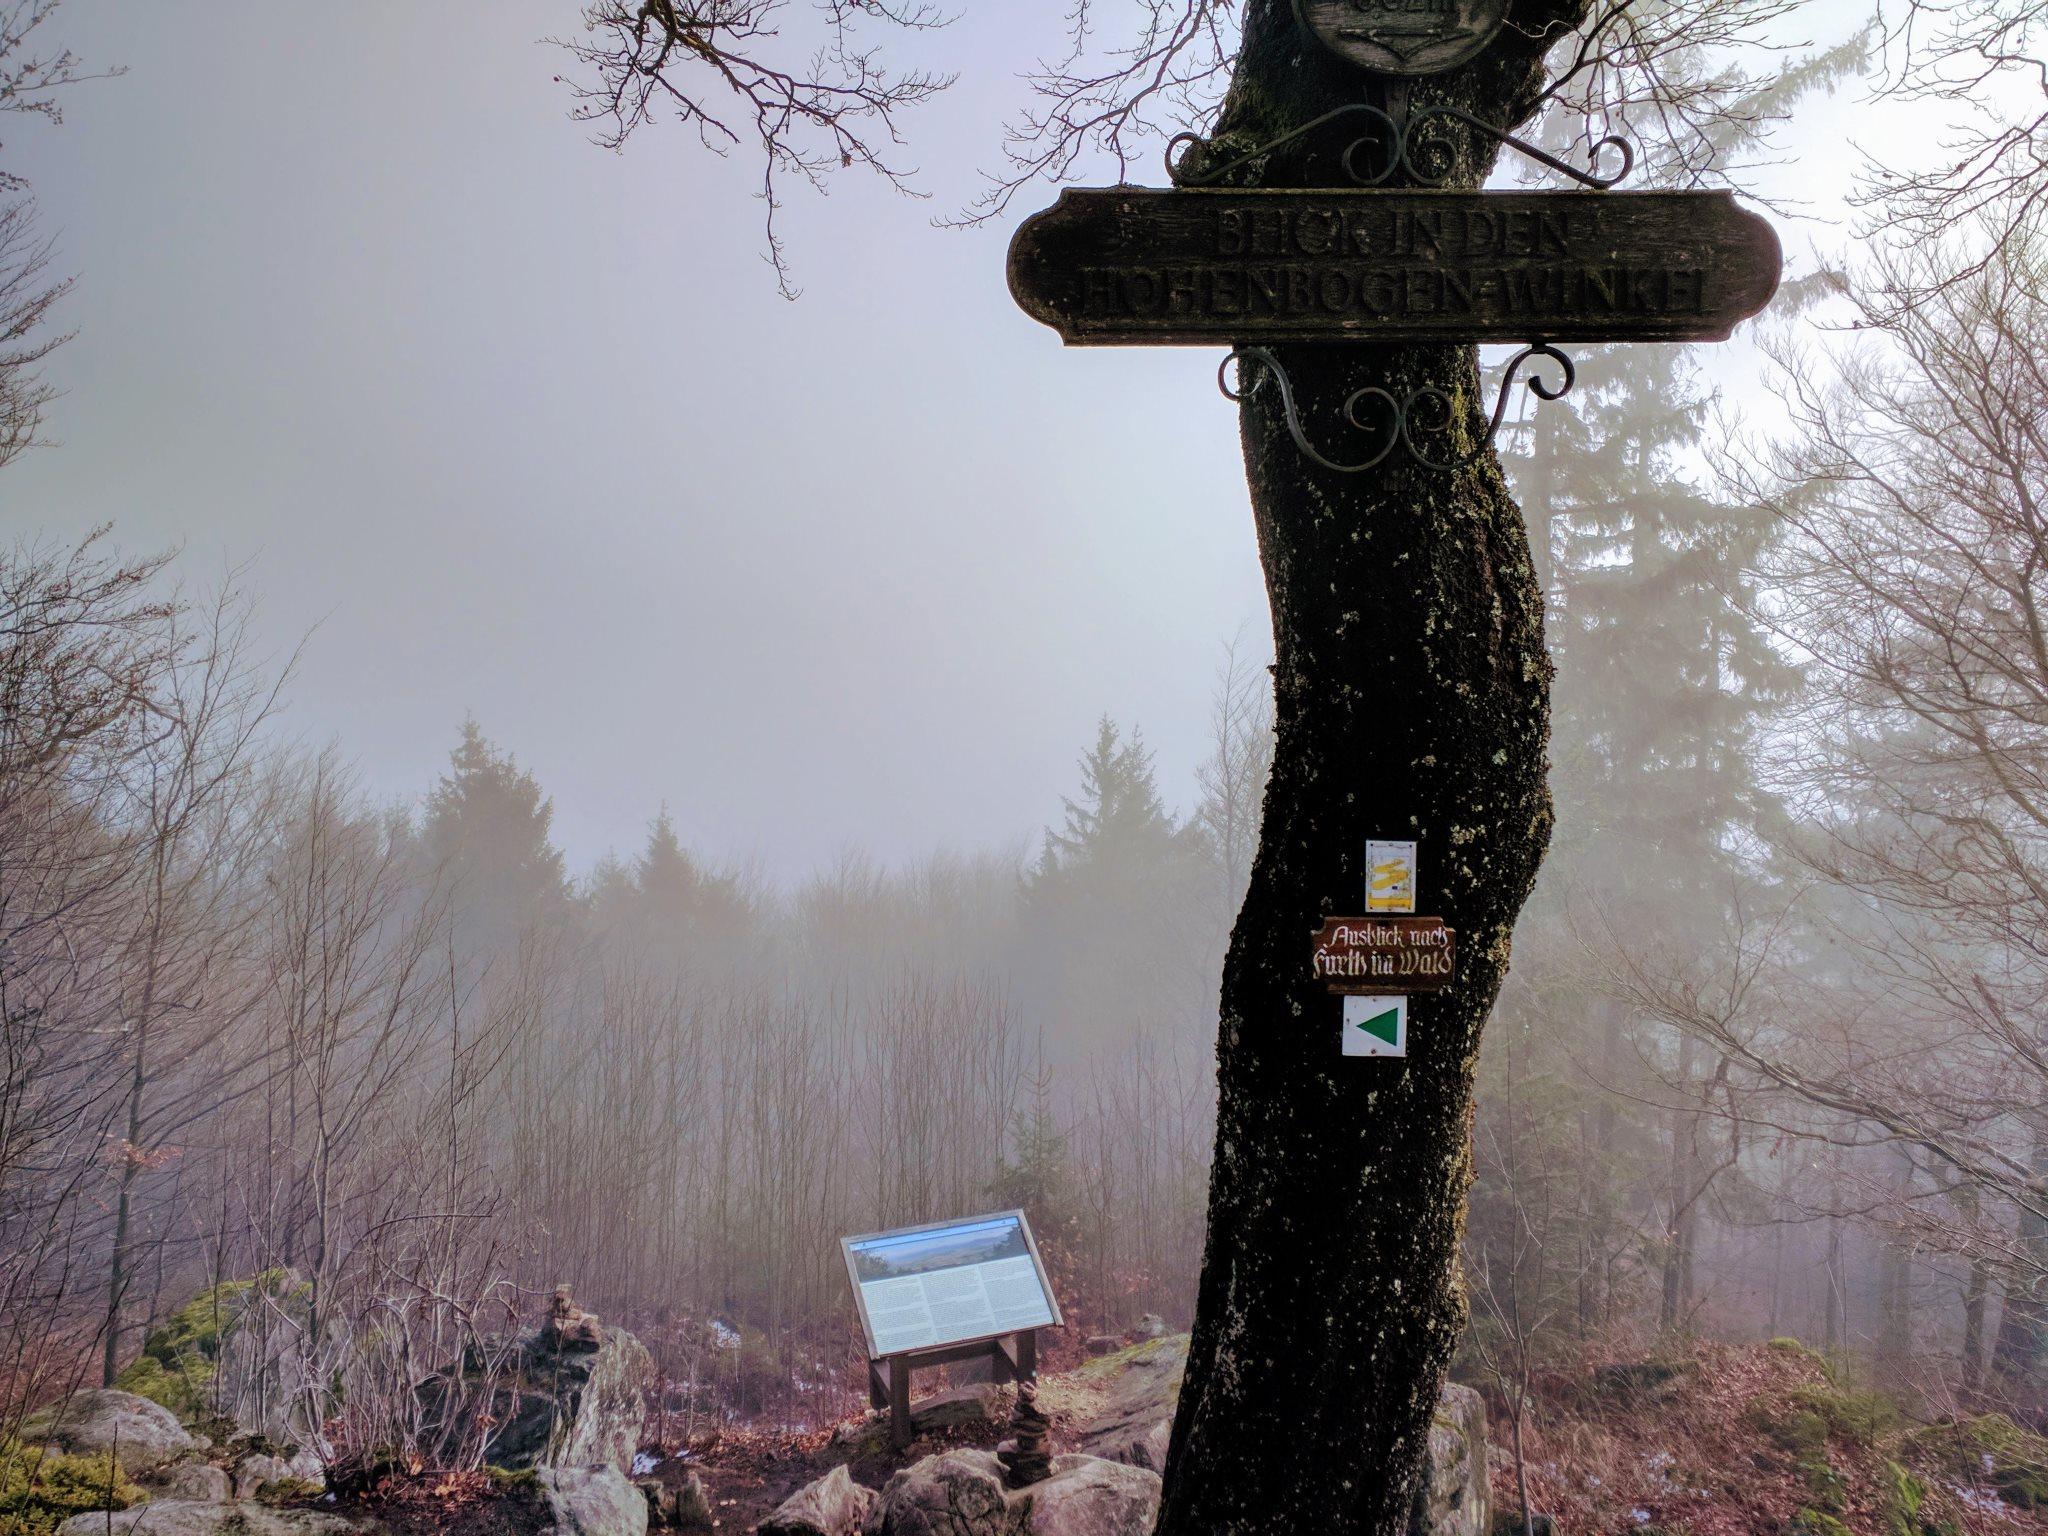 Der Ausblick nach Furth im Wald war heute nicht so gut.